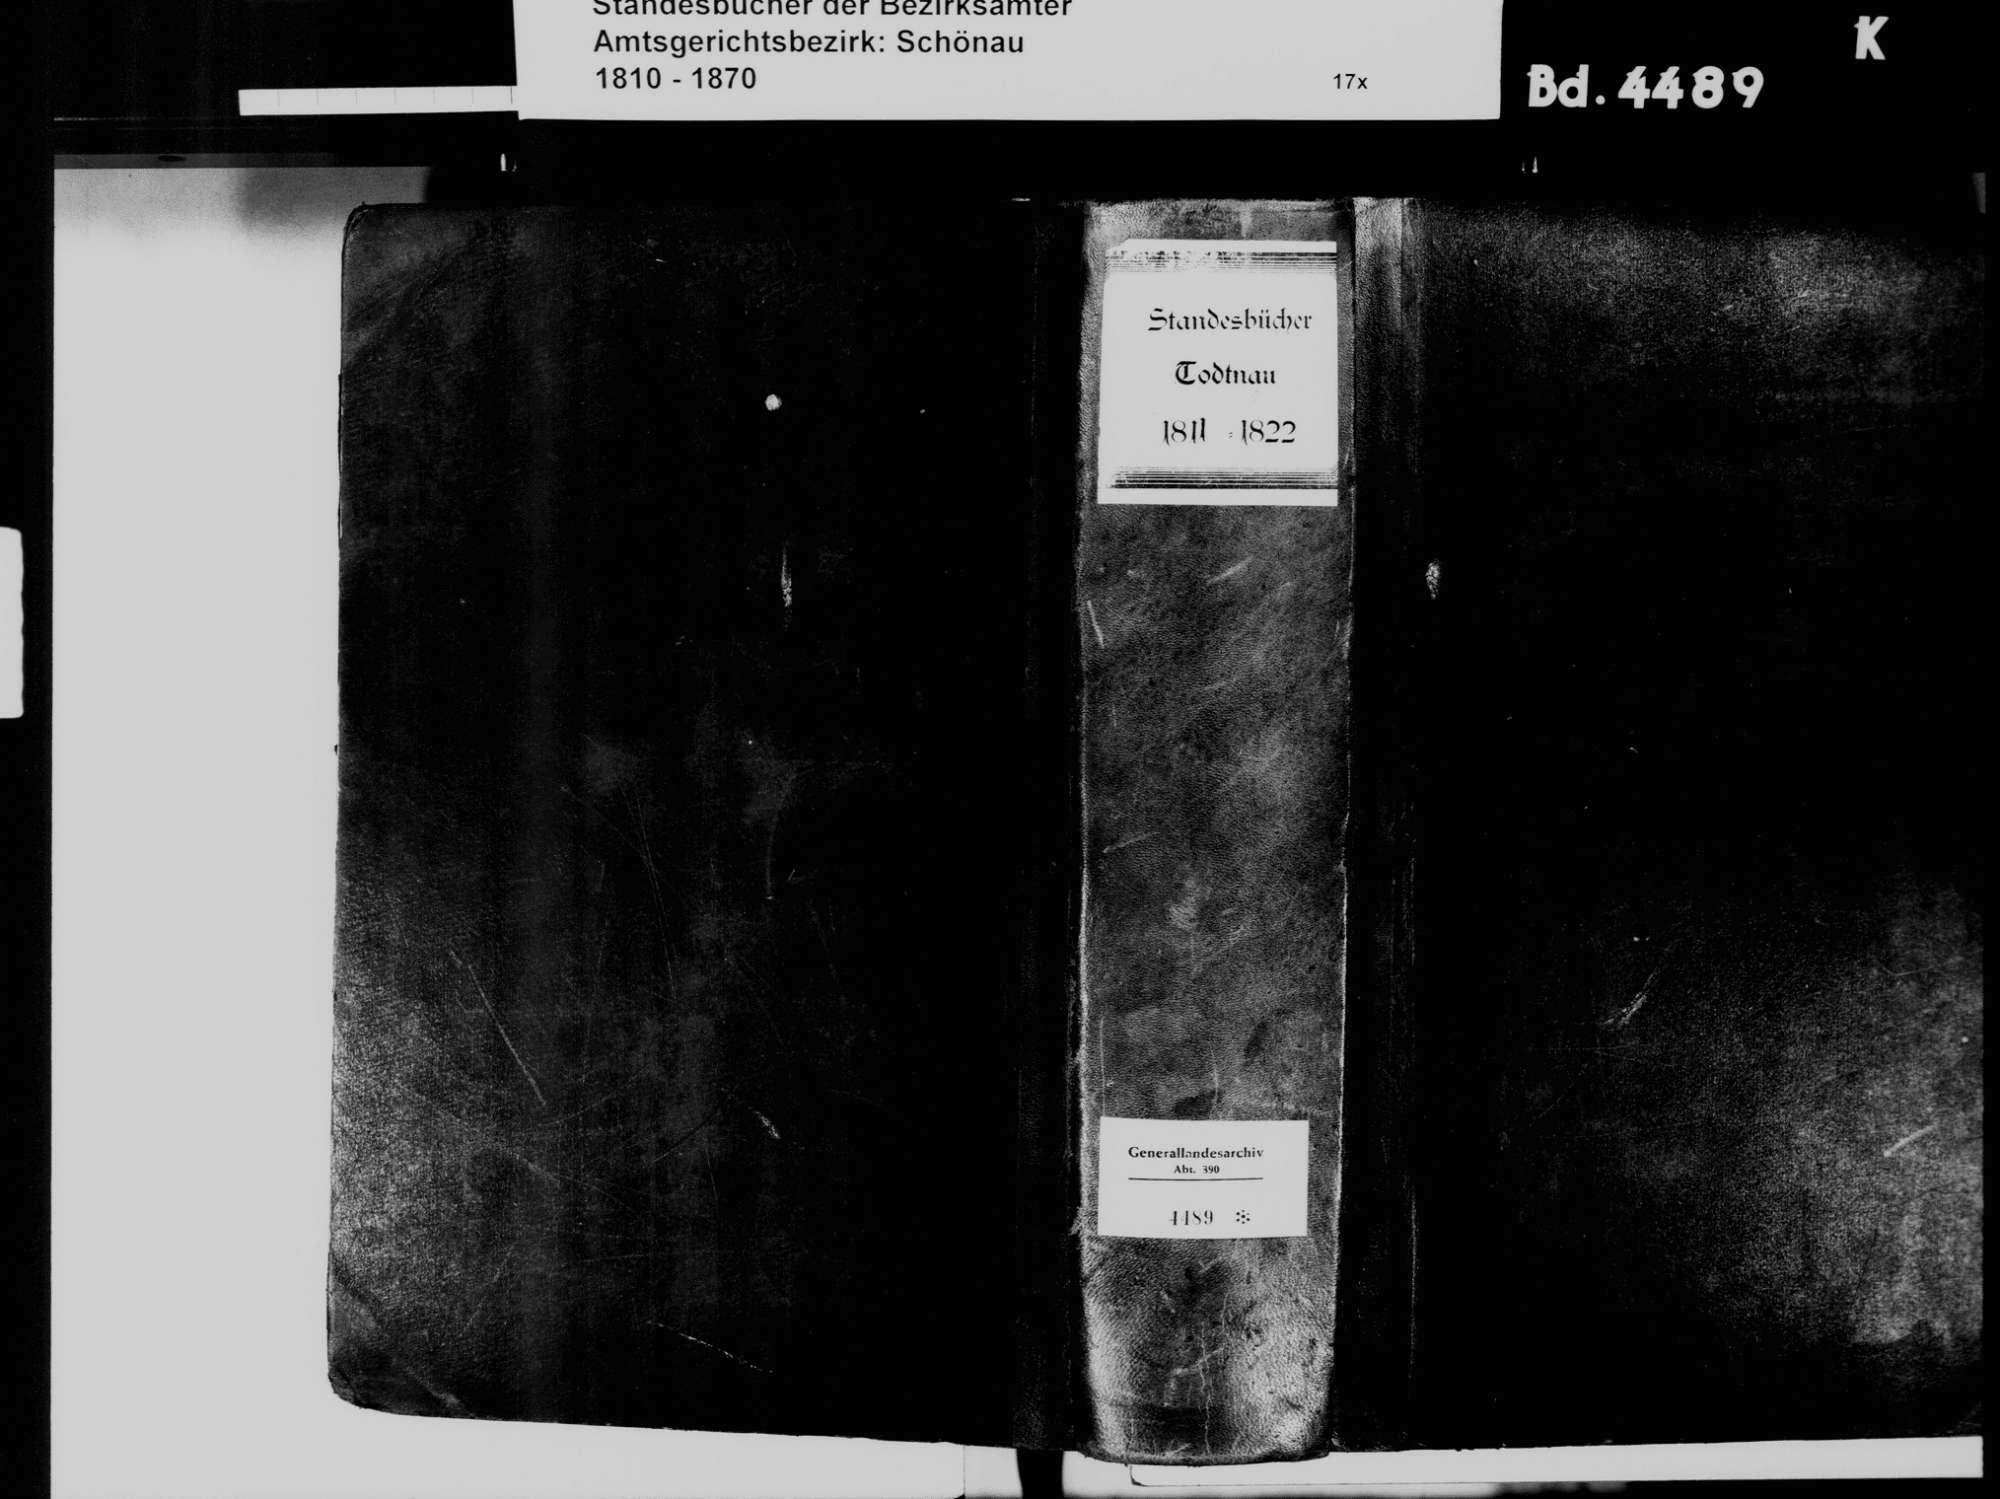 Todtnau LÖ; Katholische Gemeinde: Standesbuch 1811-1822, Bild 2